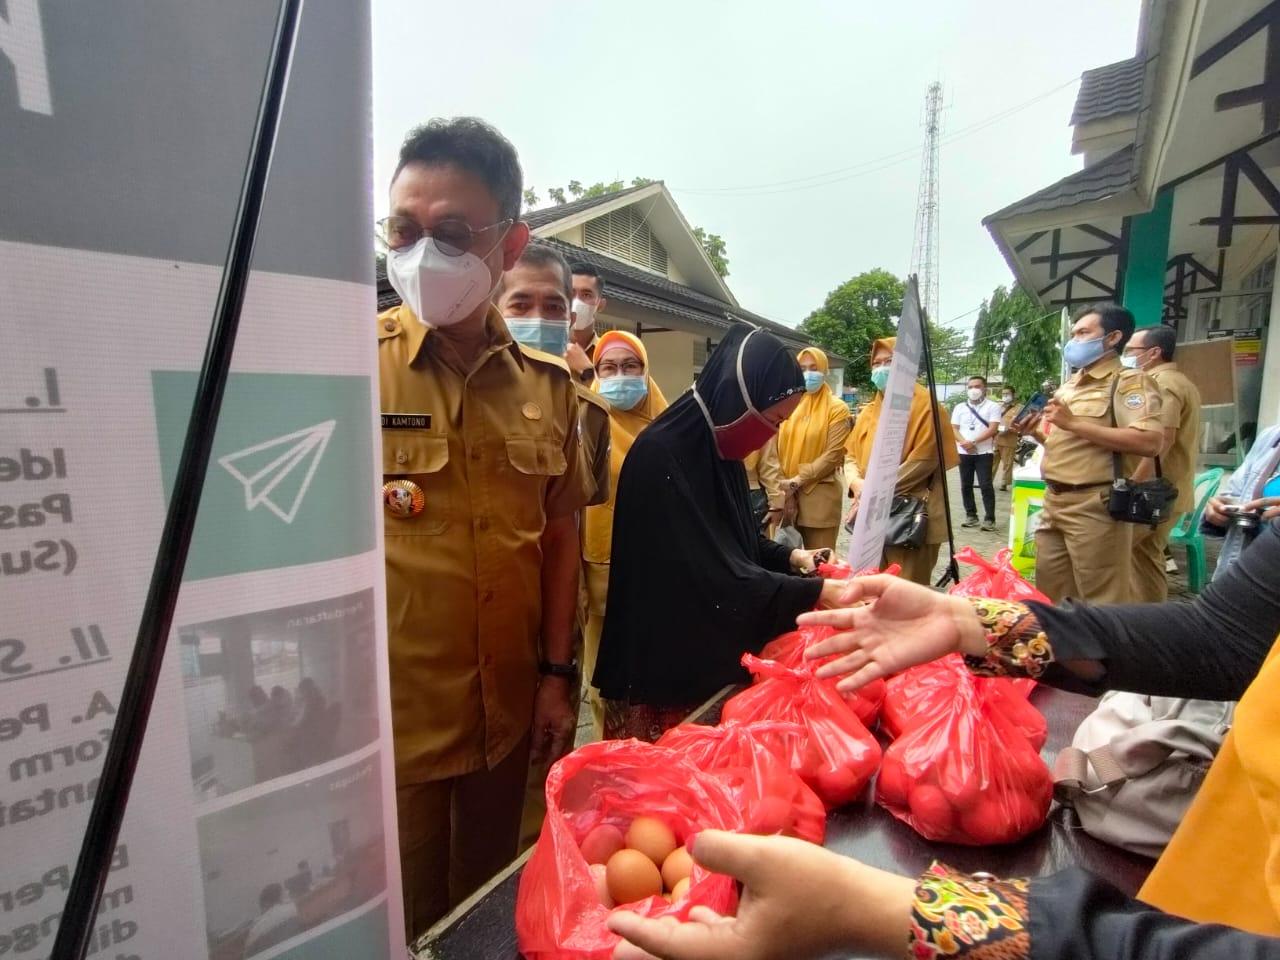 Pemkot Pontianak Gelar Pasar Murah,  Wali Kota Edi Kamtono : Tetap Patuhi Protokol Kesehatan di Pasar Murah